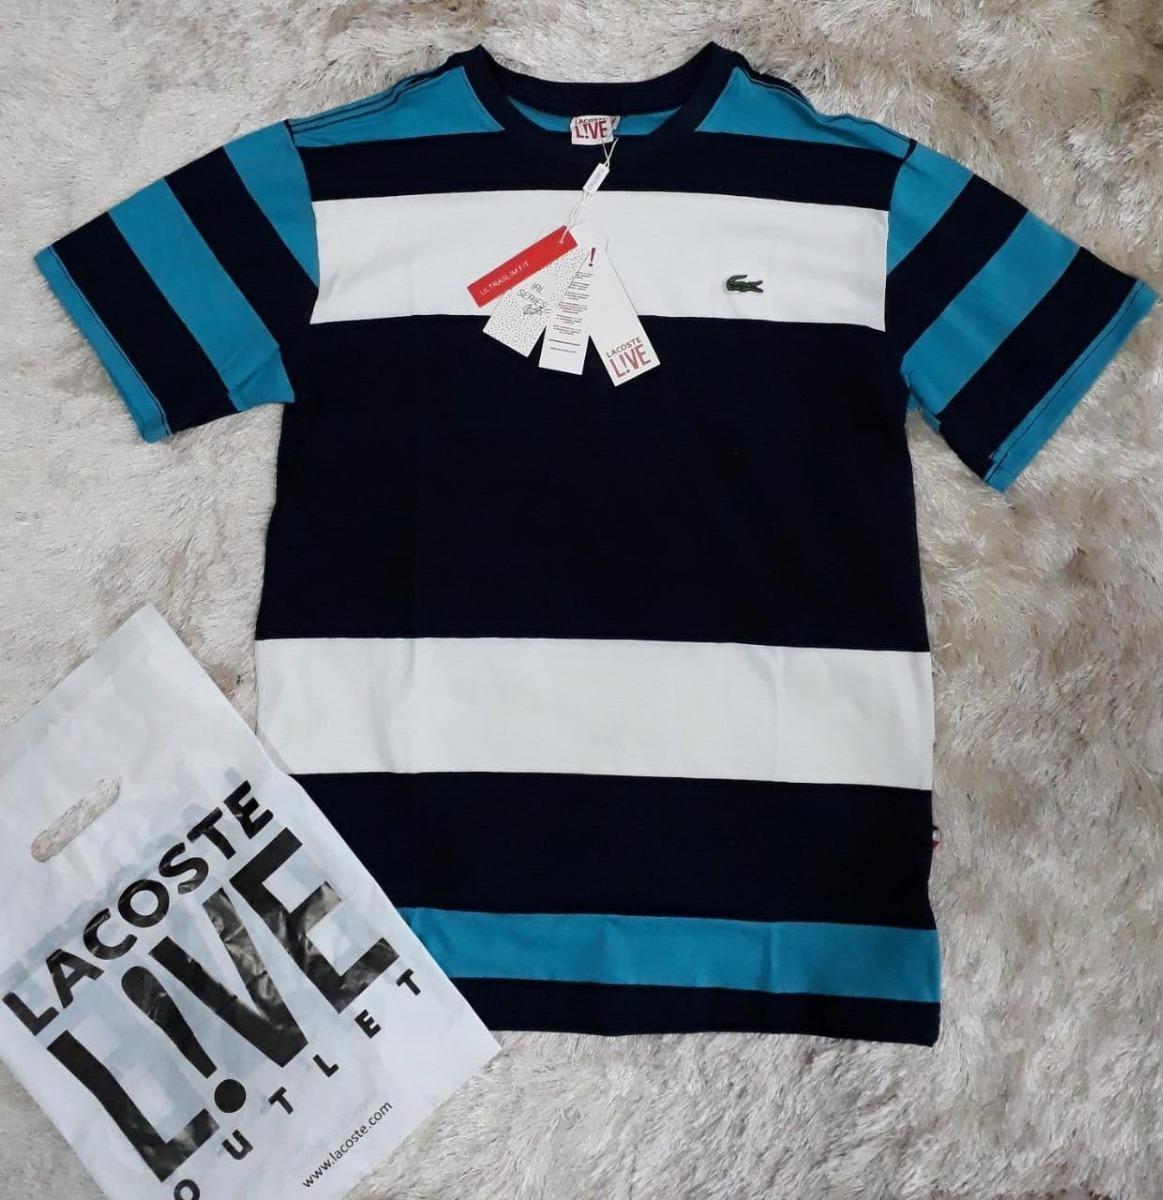 f3c1bed839dca Camisa Lacoste 8 Peças Originais - R  450,00 em Mercado Livre